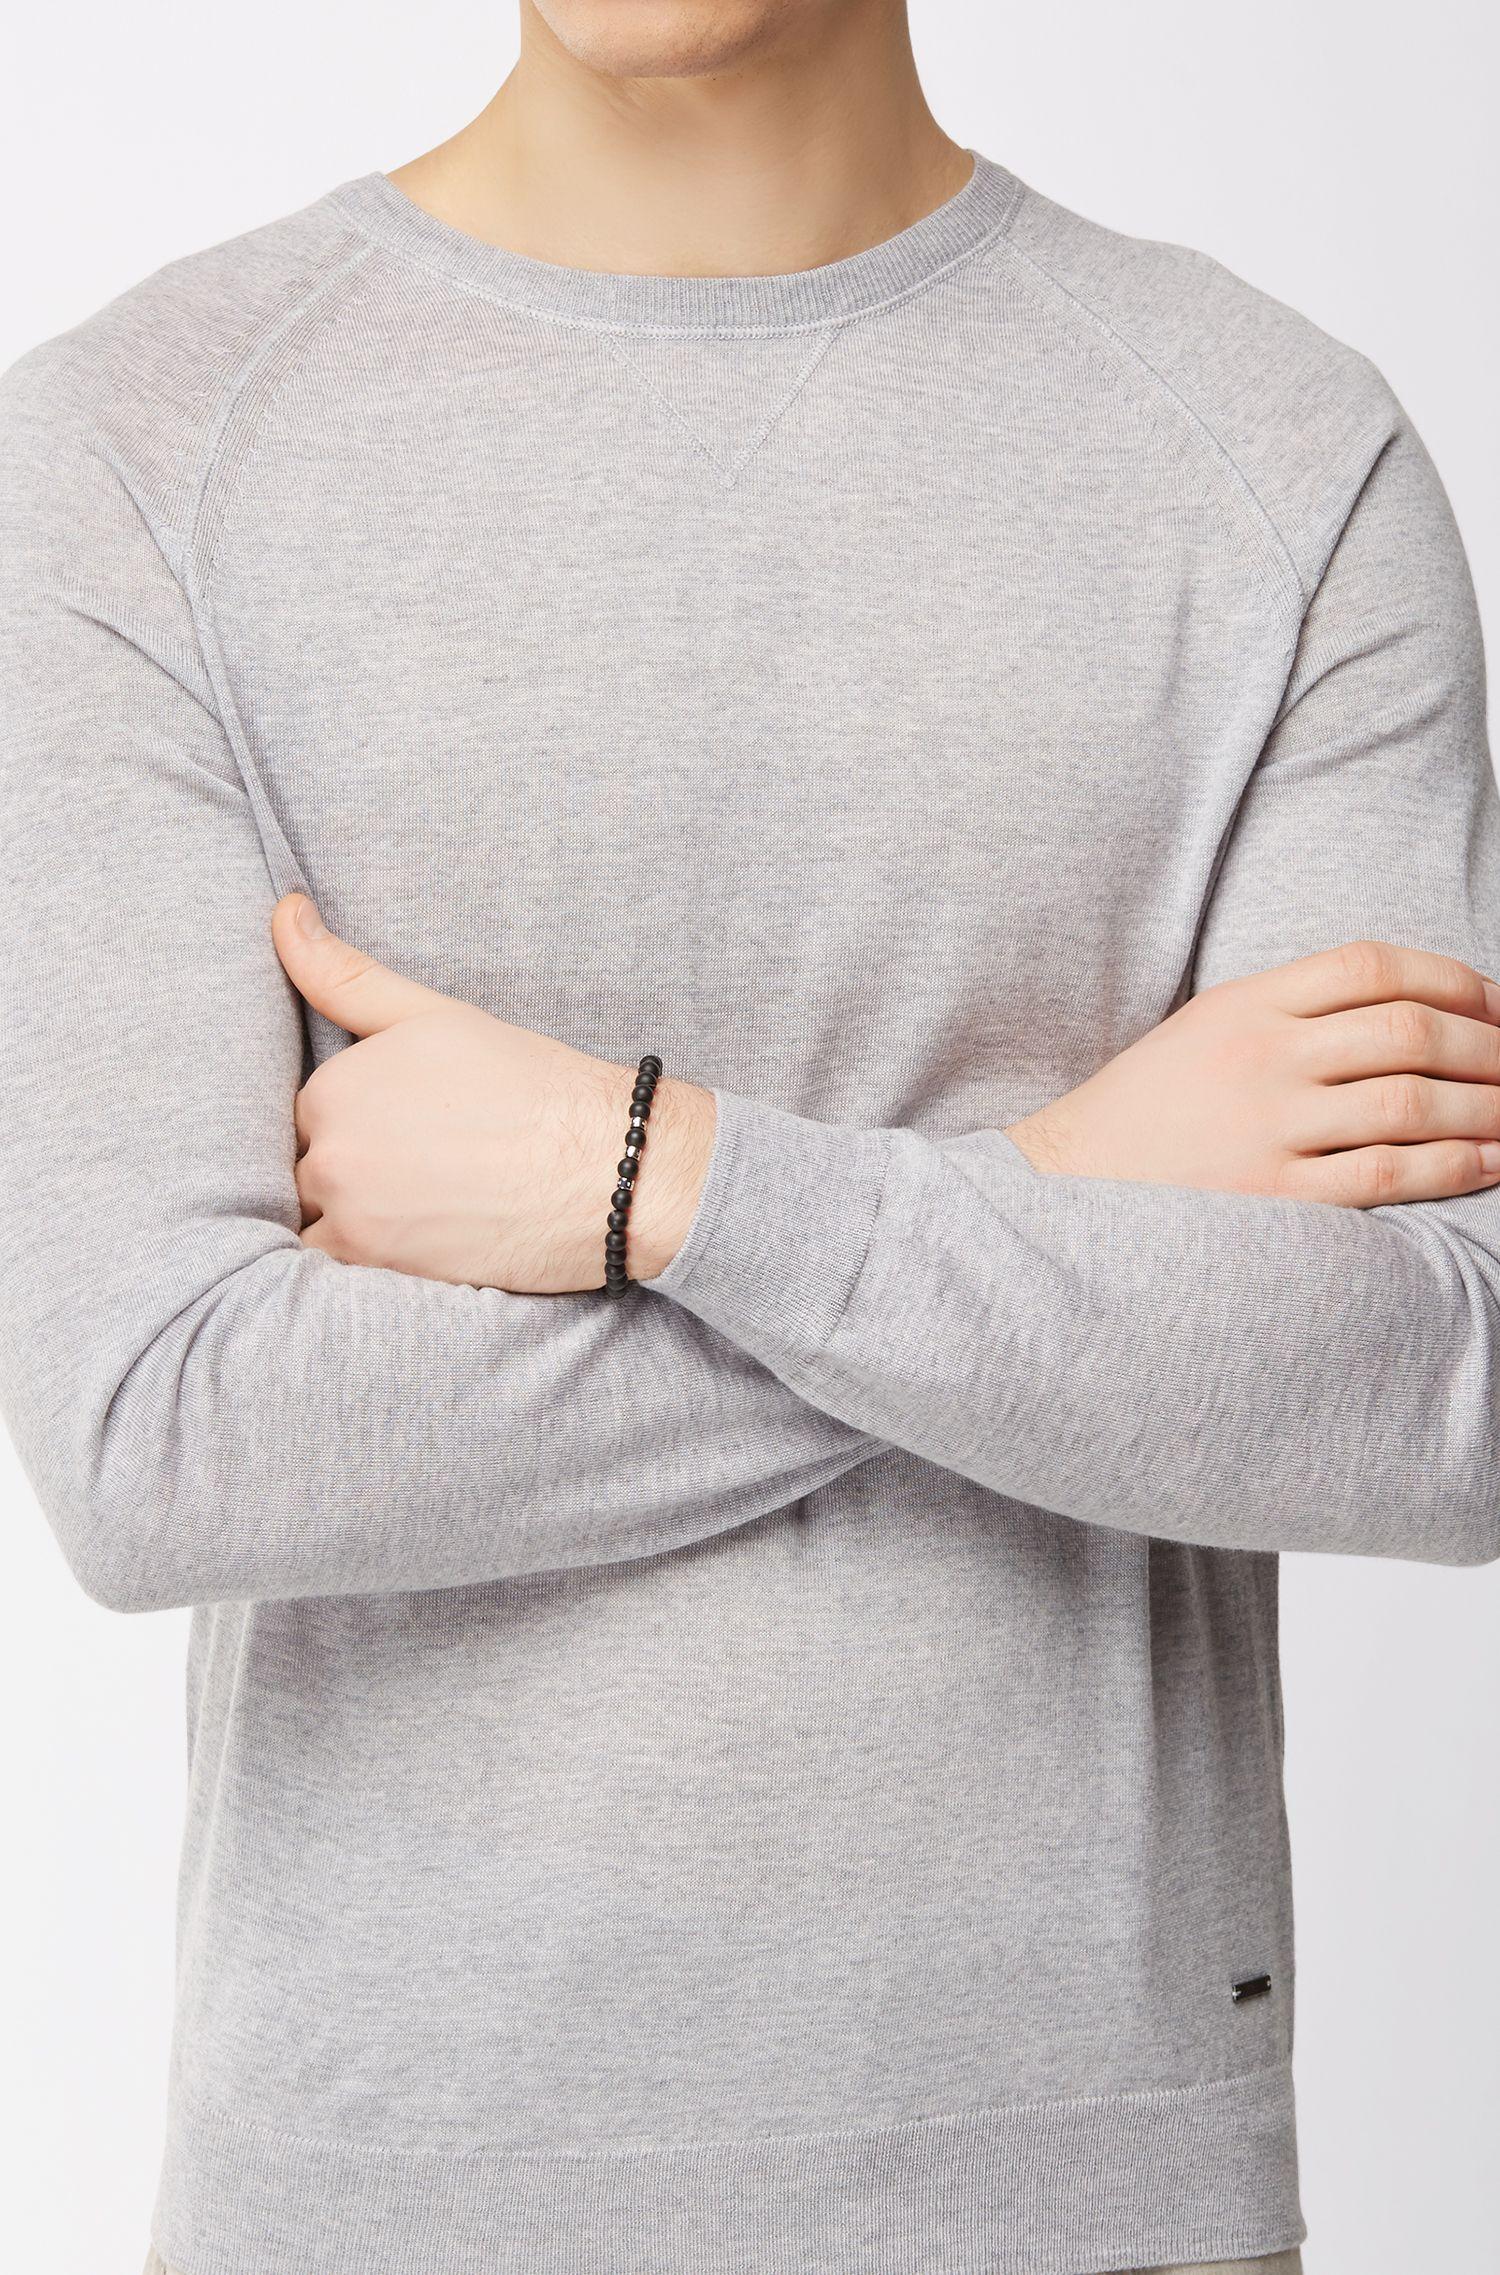 Armband mit Achaten und Metallperlen mit Logo-Schriftzug